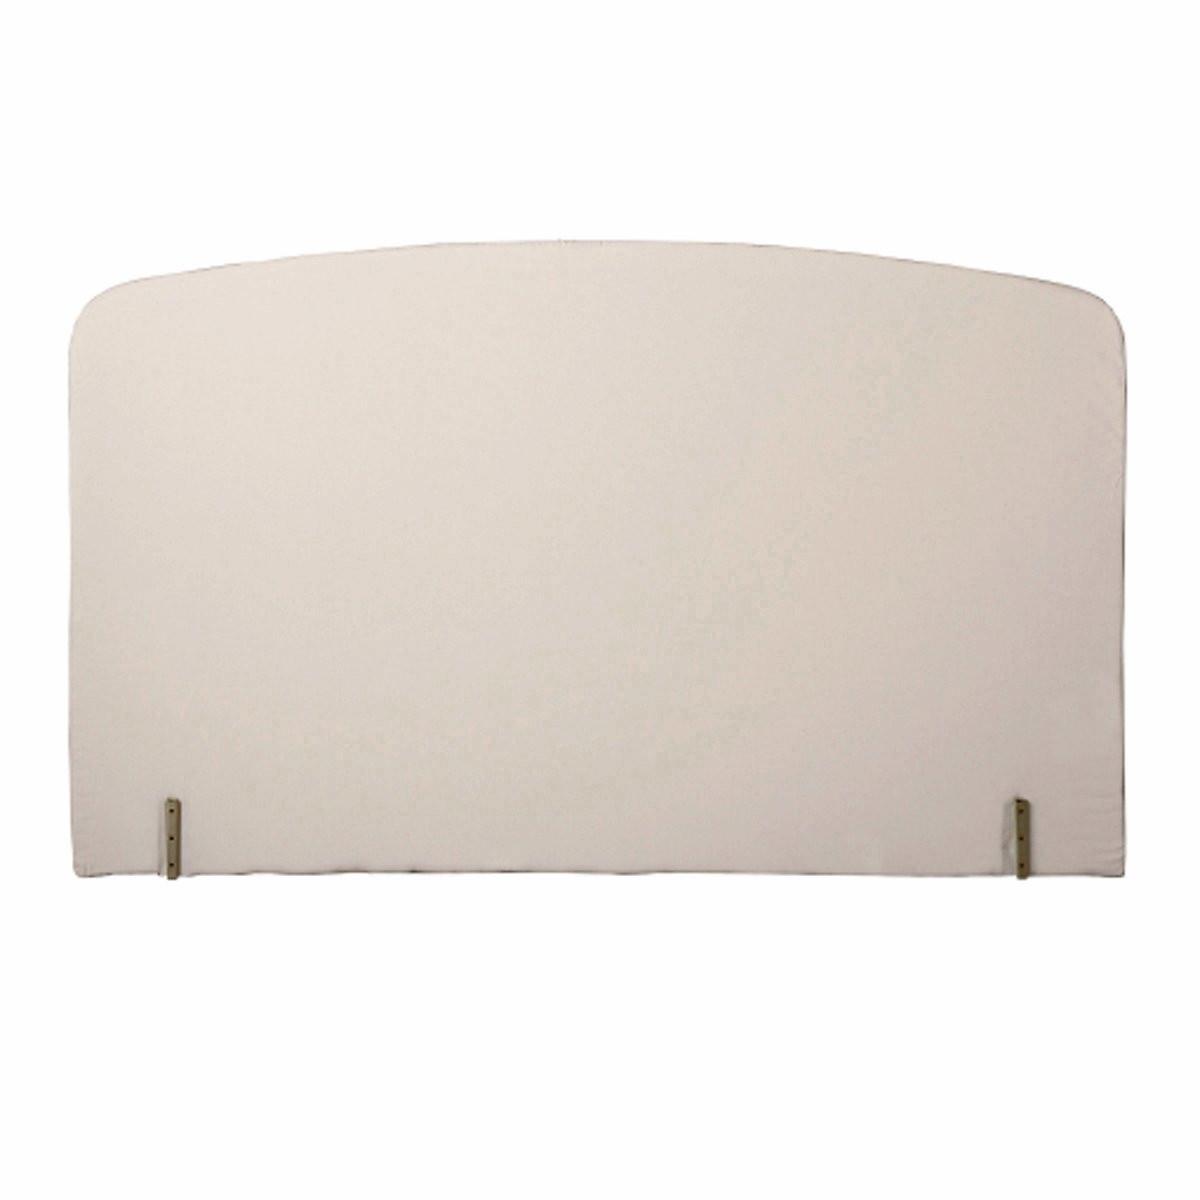 Изголовье LaRedoute Кровати с обивкой изогнутой формы 90 см белый односпальные кровати